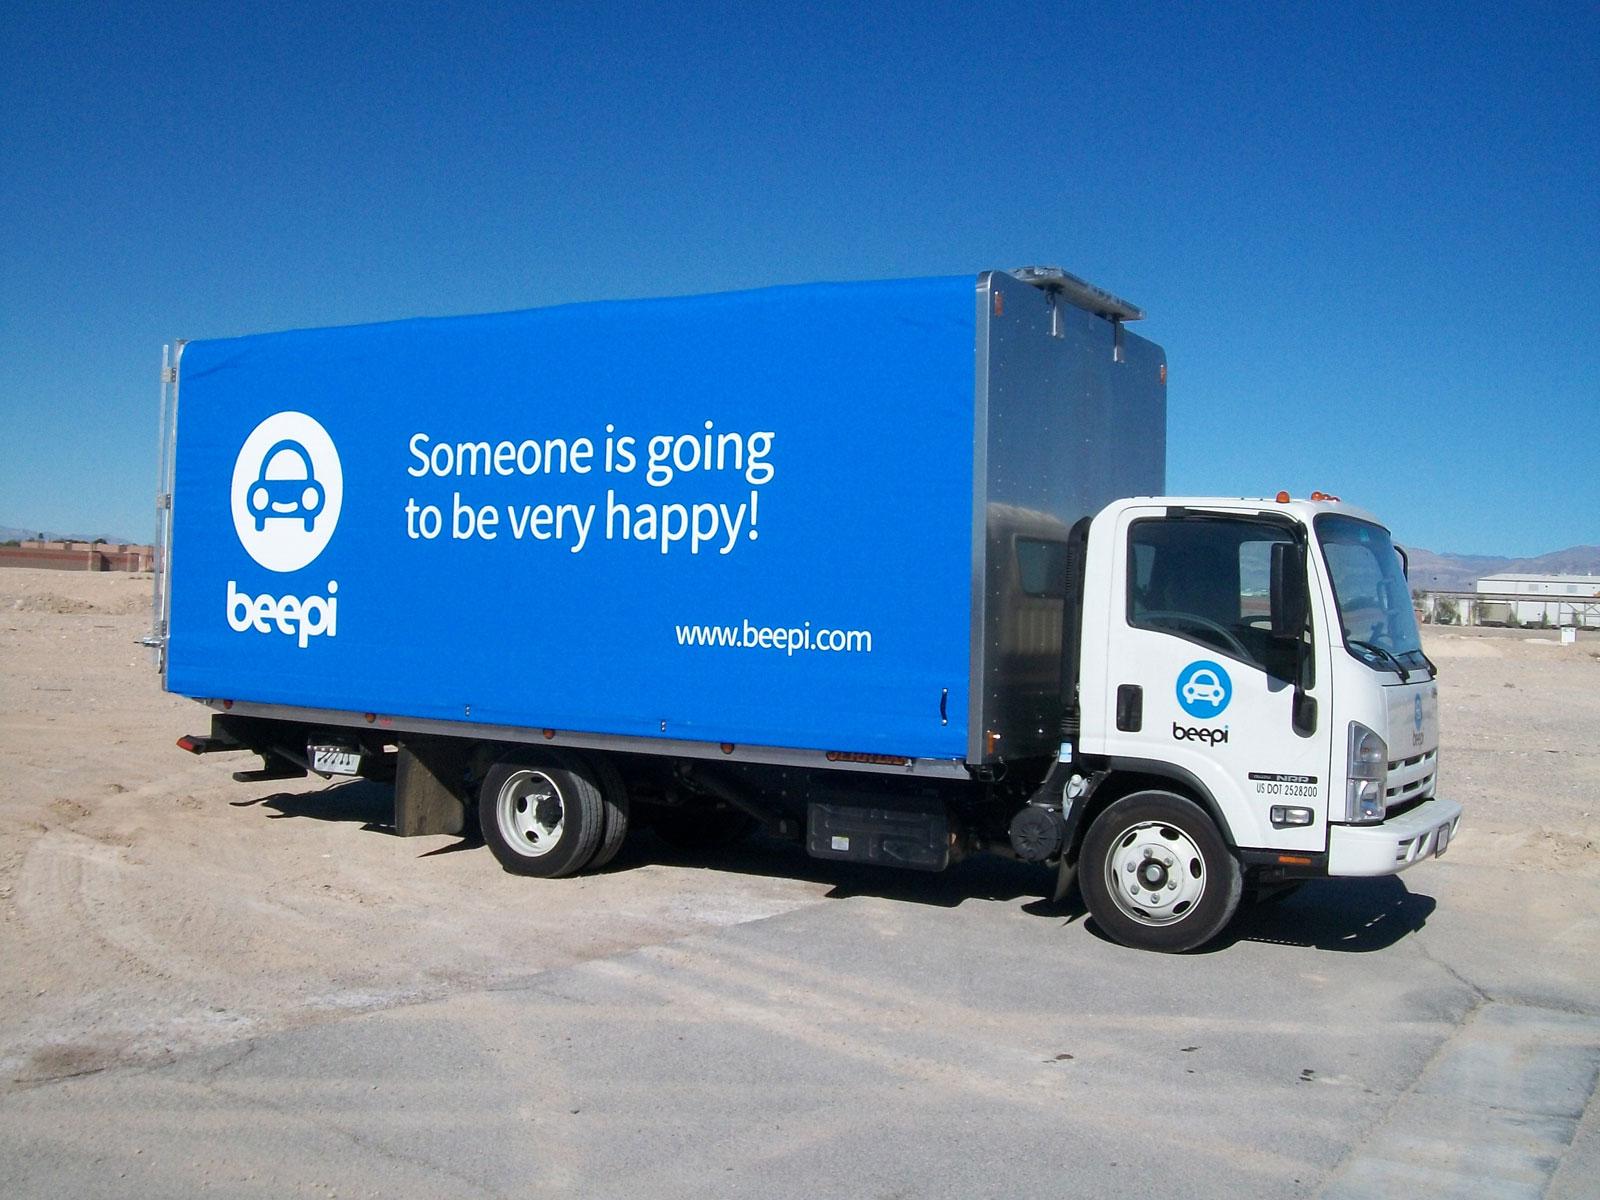 Beepi Corp